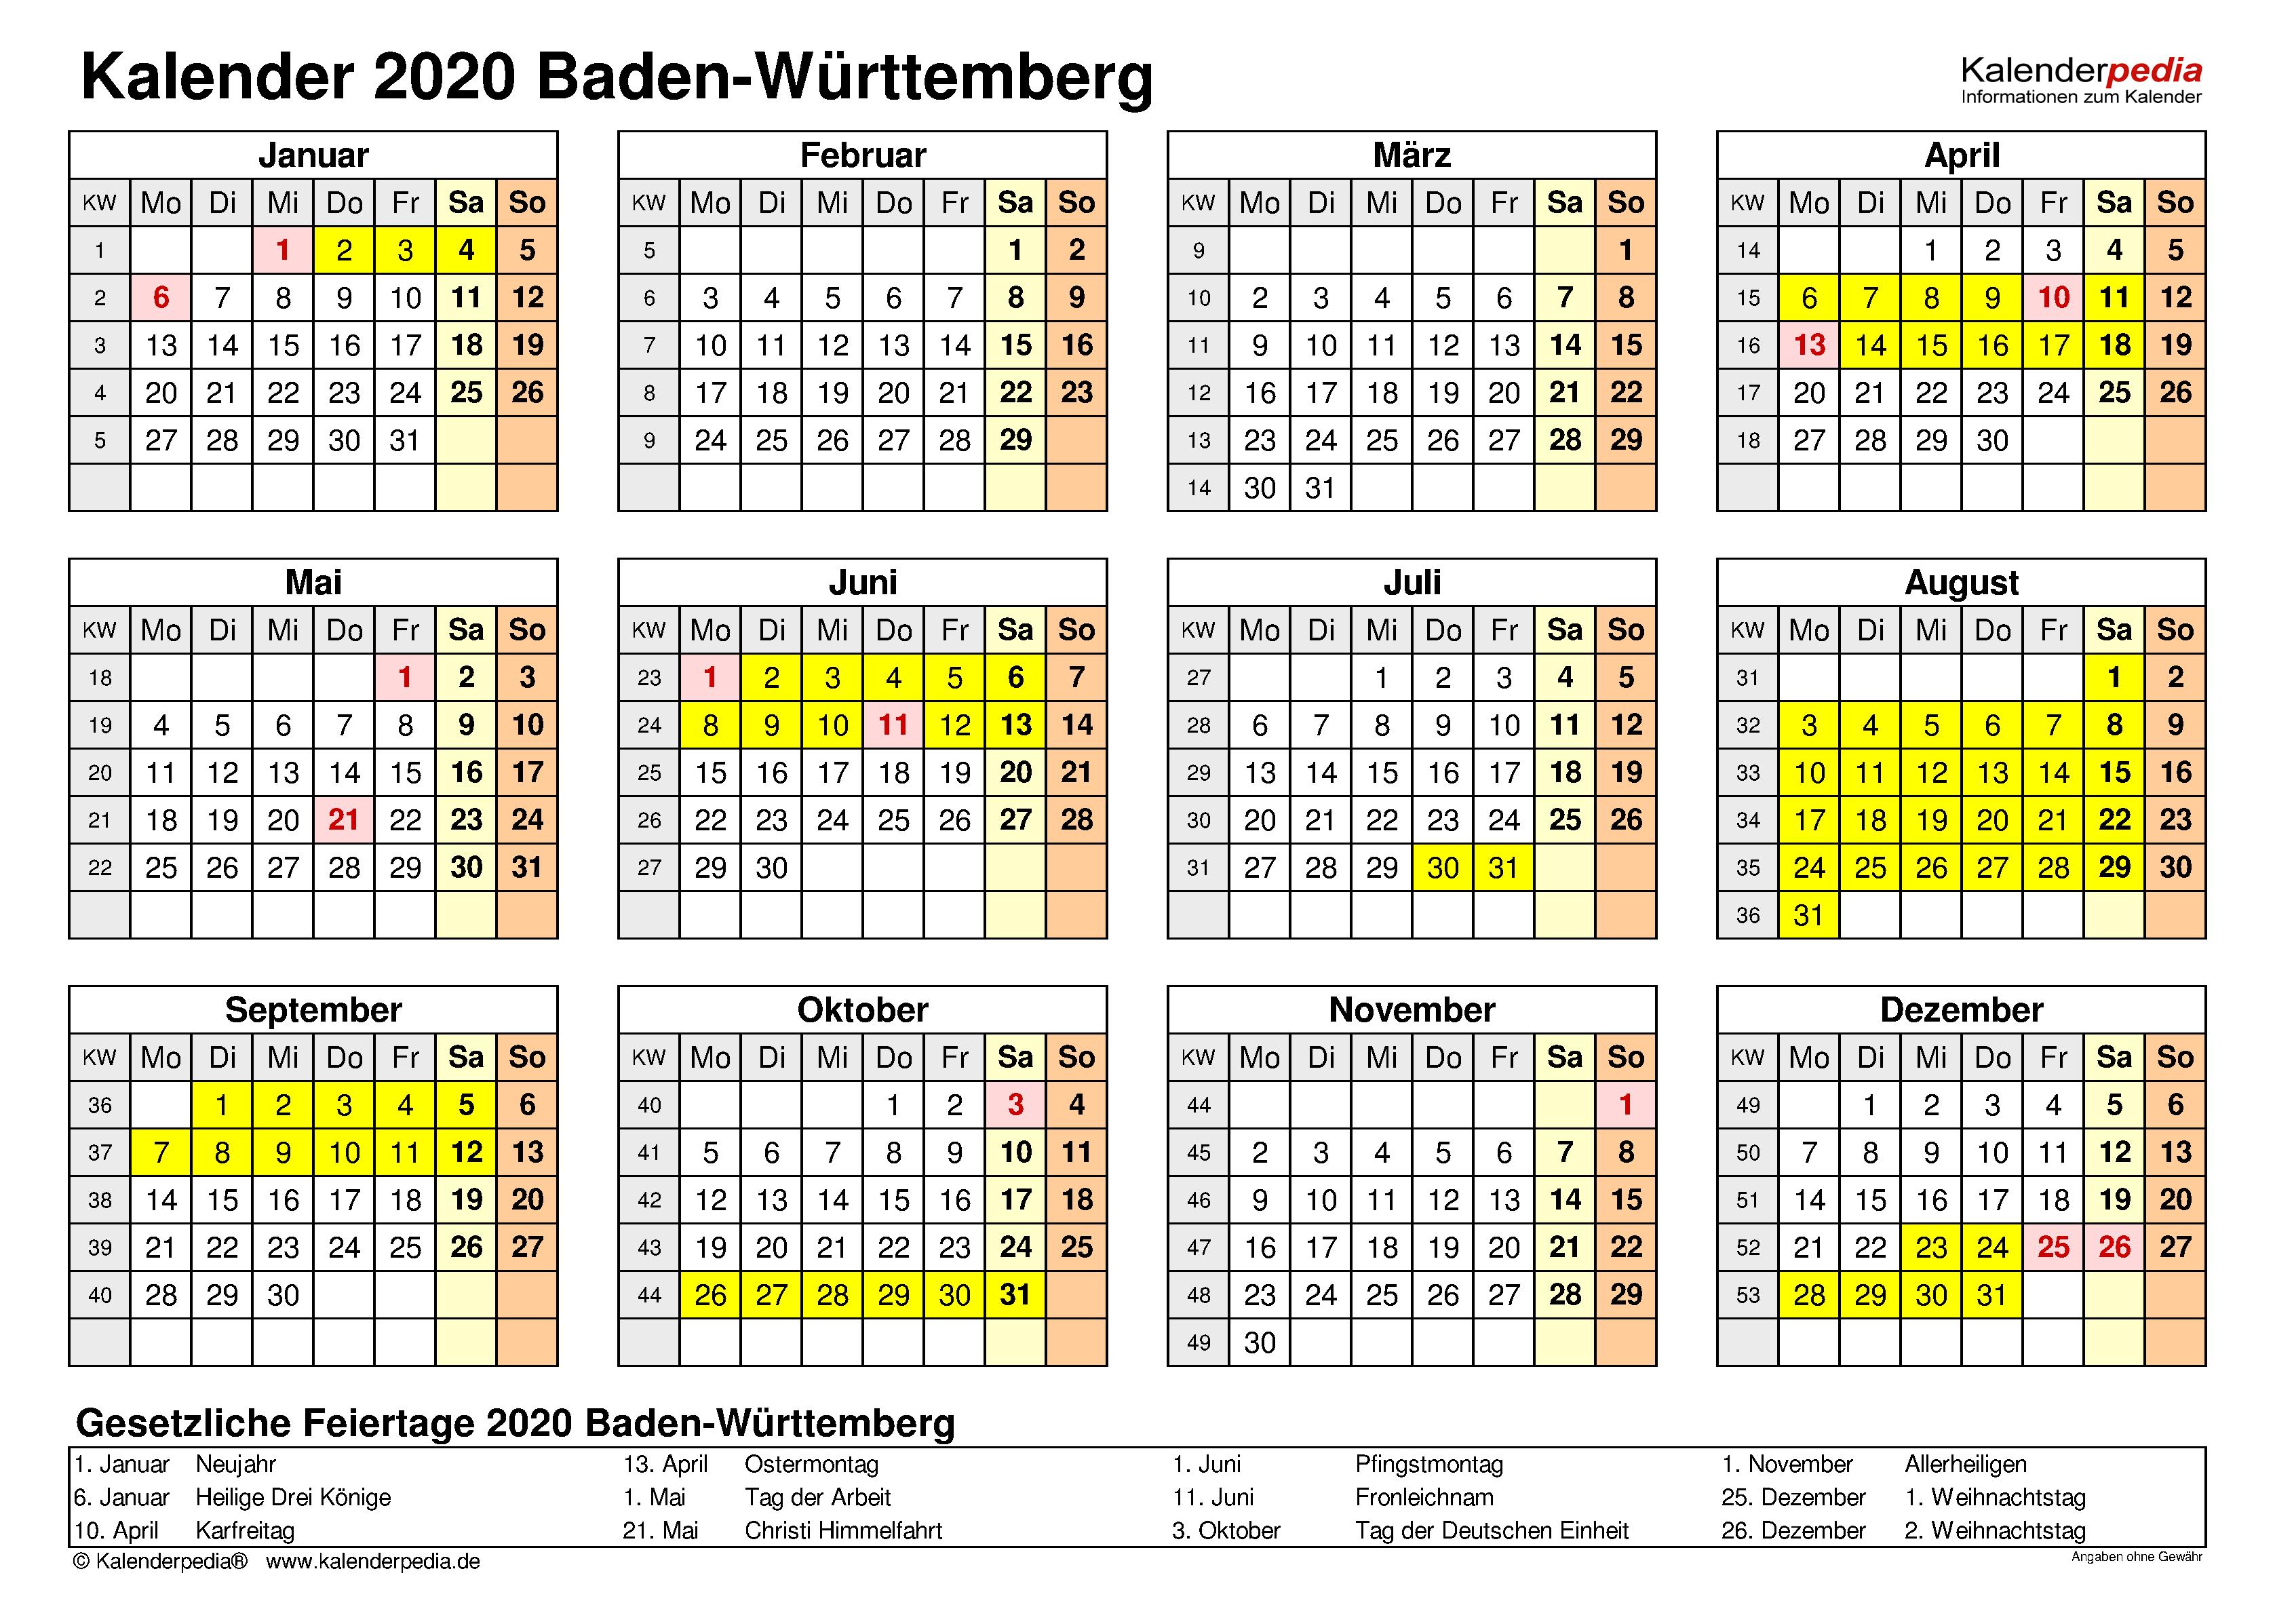 Ferien in baden-württemberg 2020